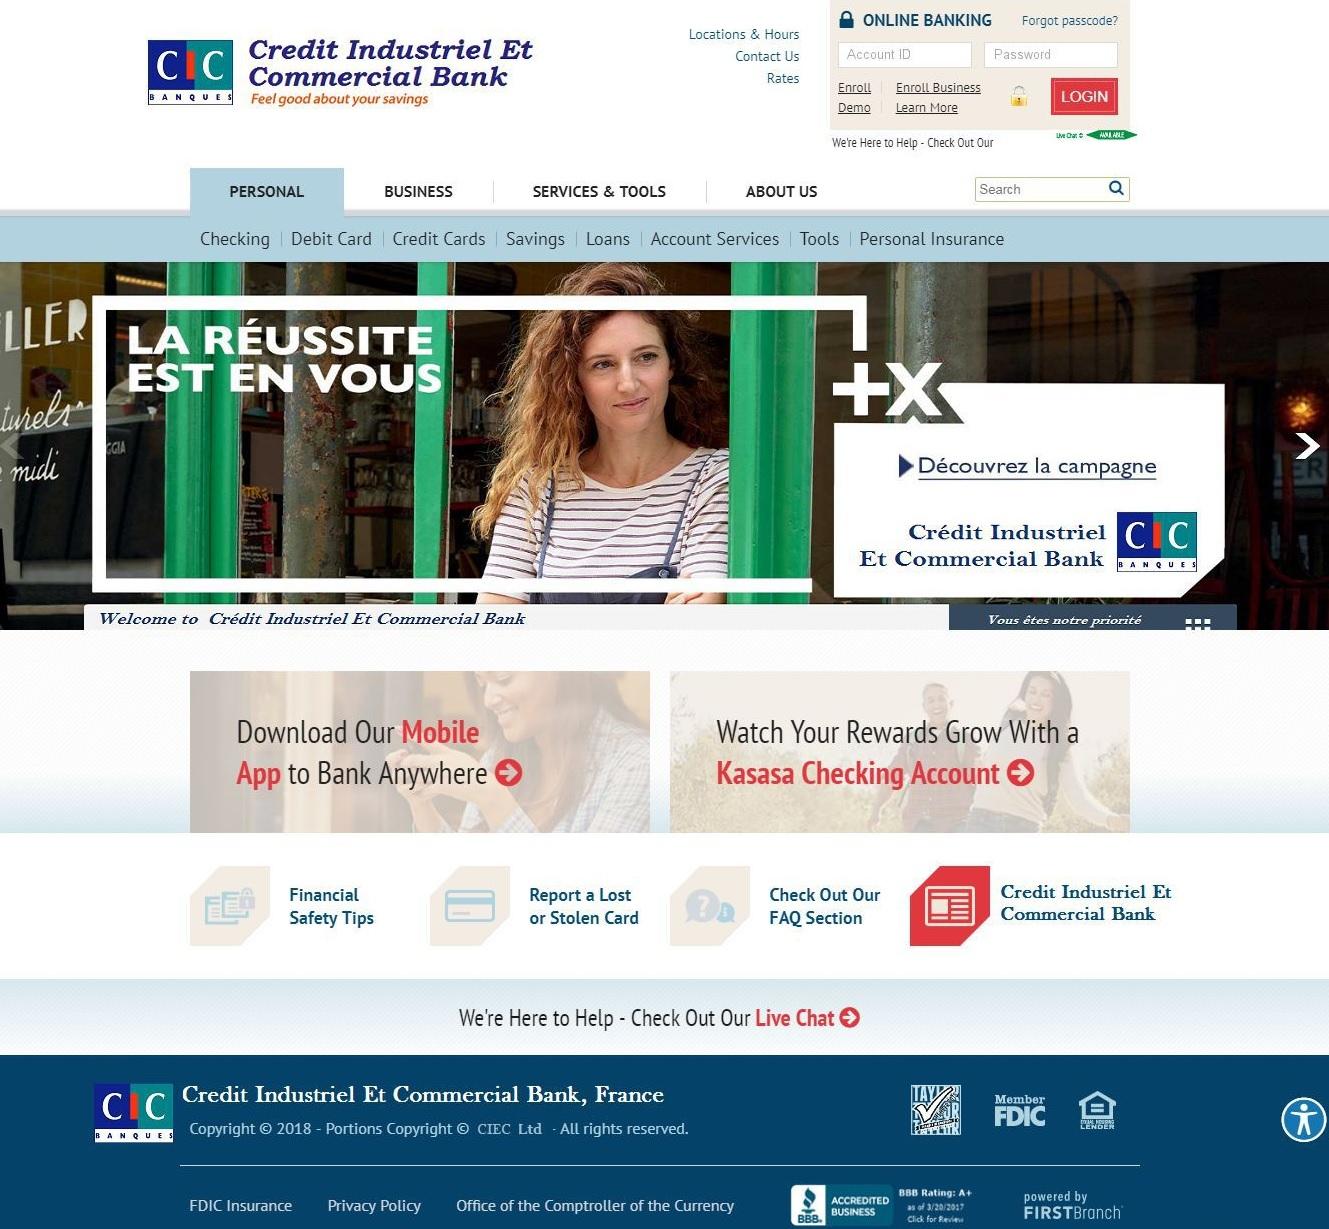 Hameçonnage Banque CIC Cybersquatting Nom Domaine